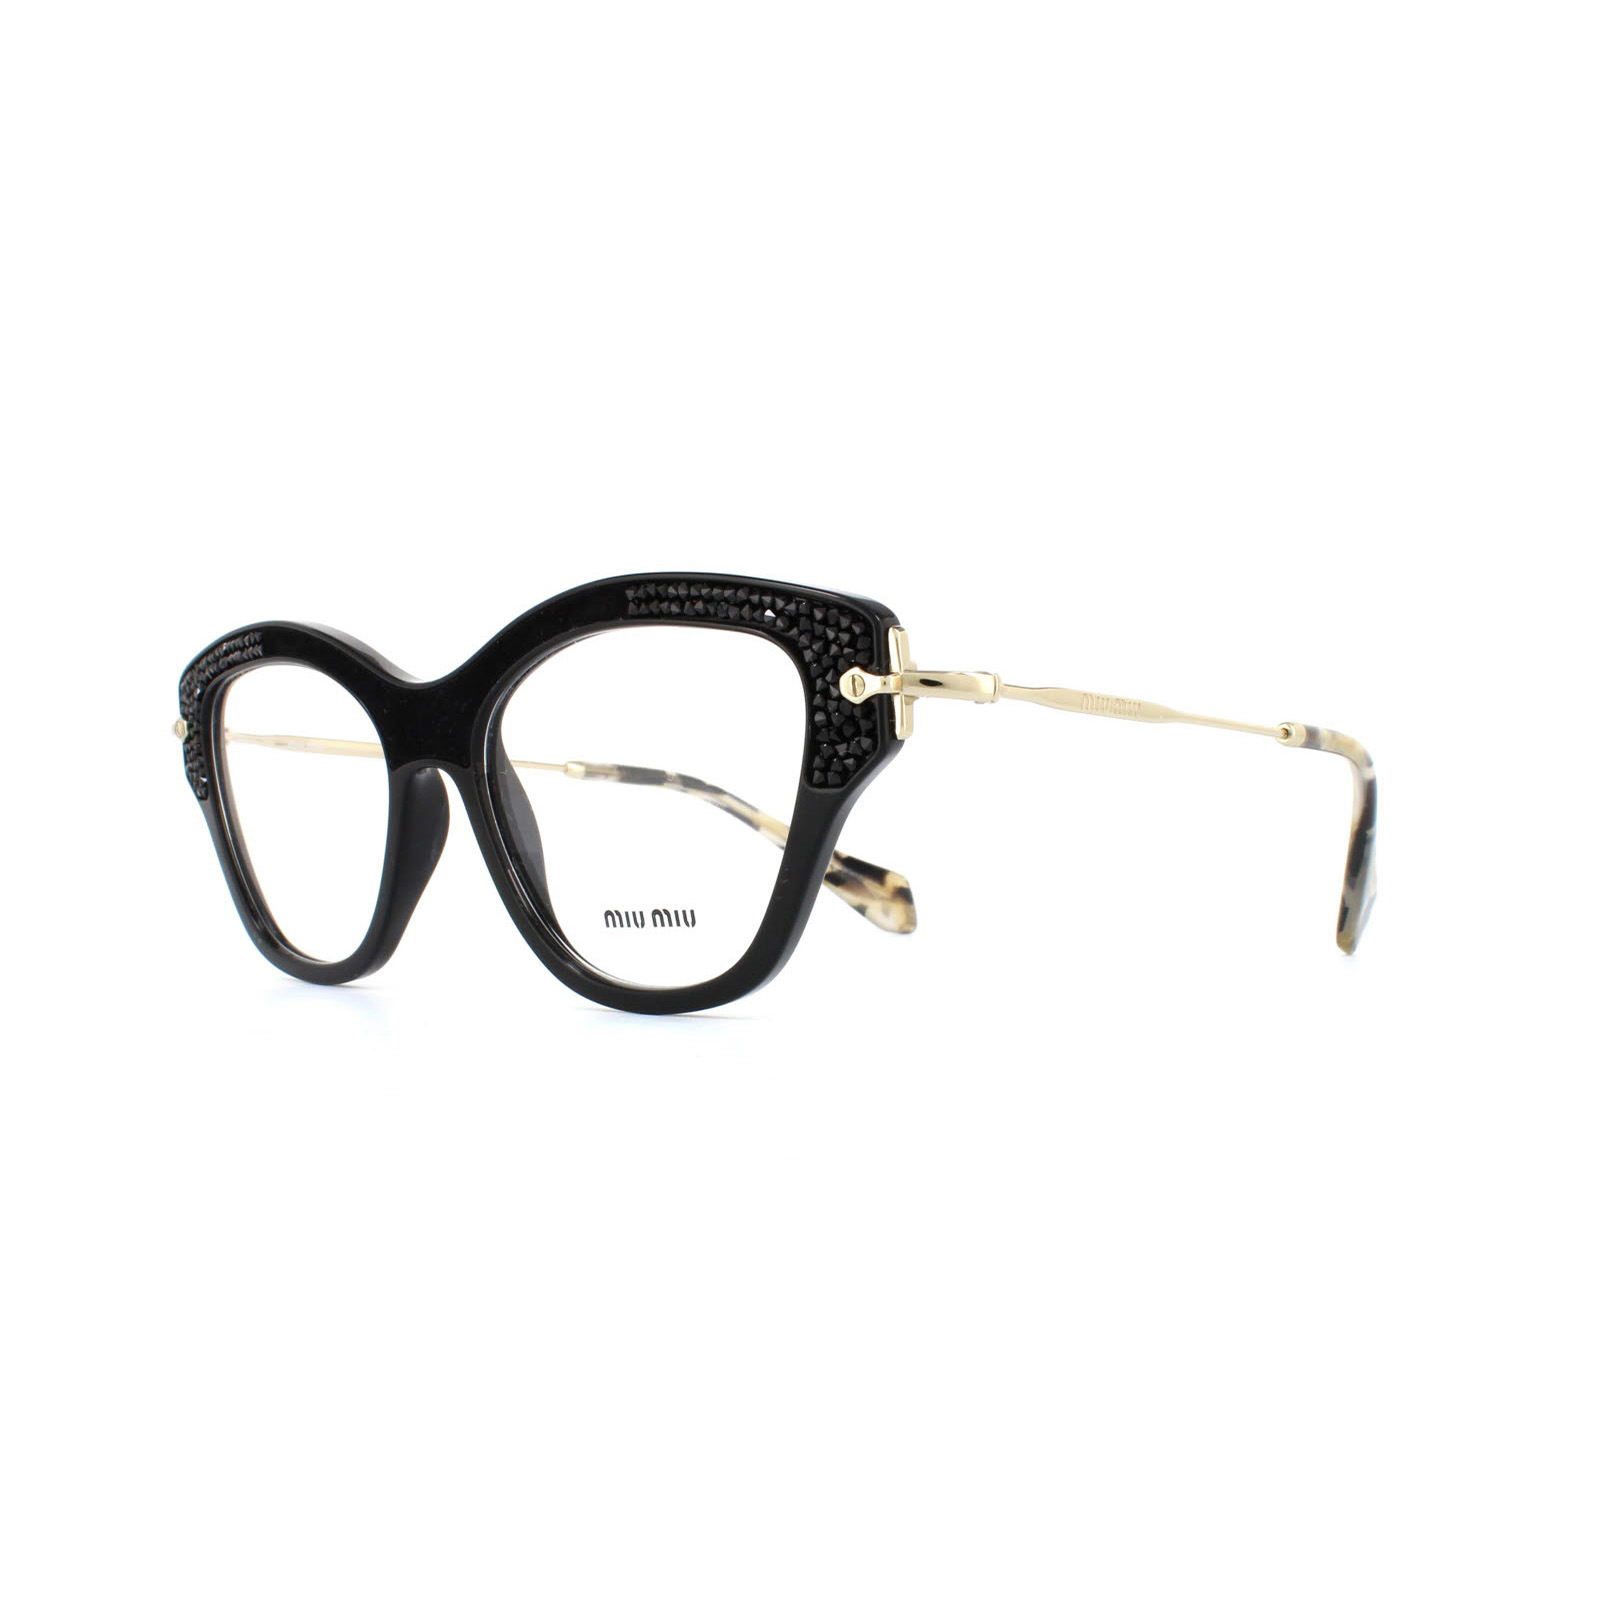 Cheap Miu Miu 07OV Glasses Frames - Discounted Sunglasses